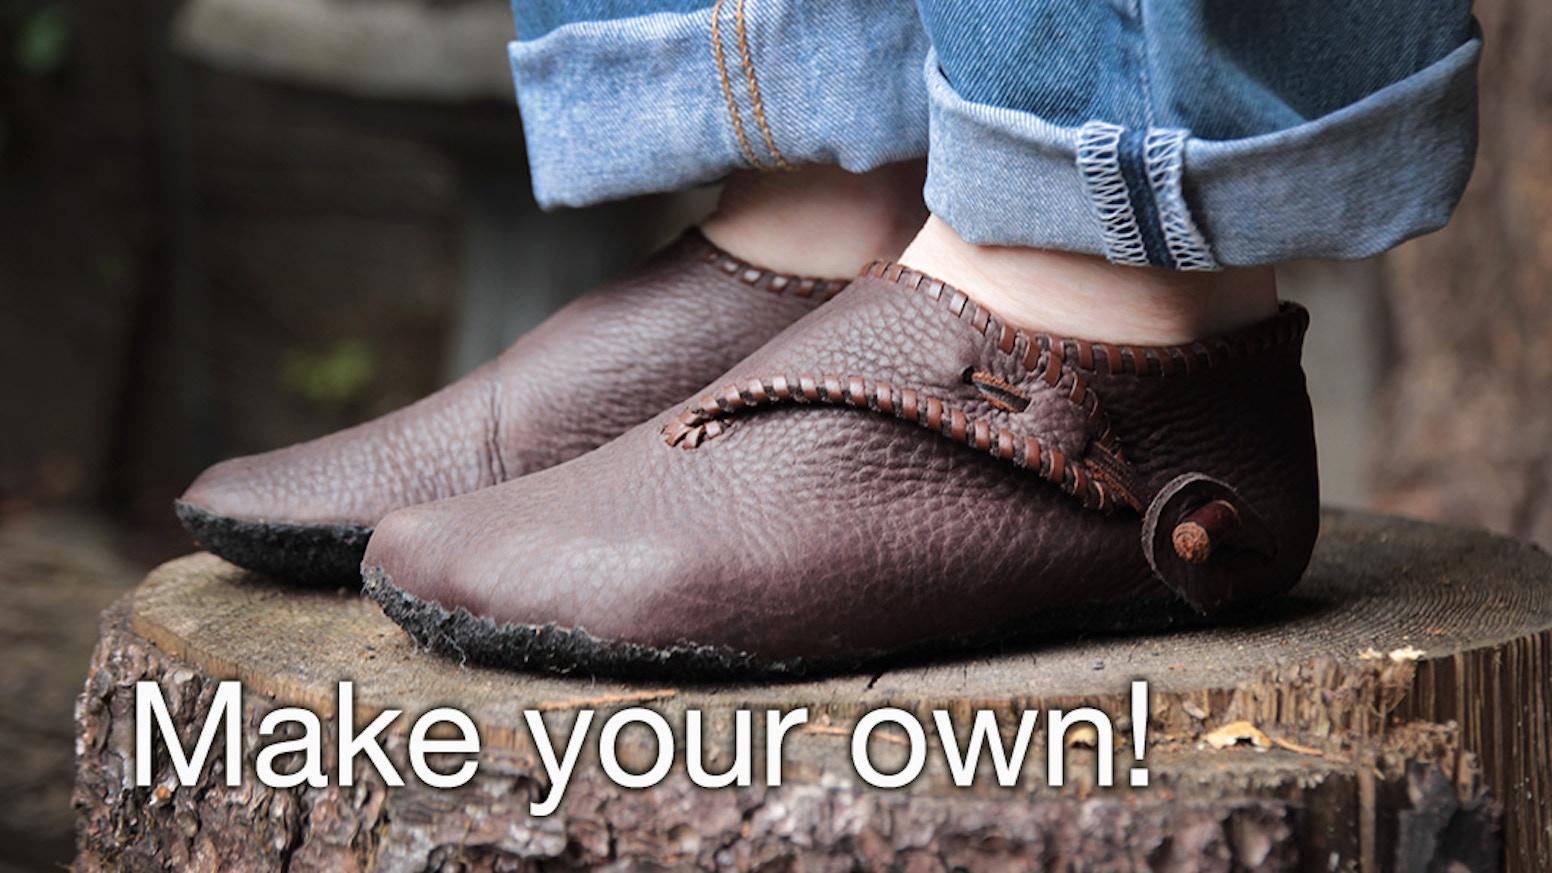 86742112ae Shoemaking instructional video by calen kennett — Kickstarter